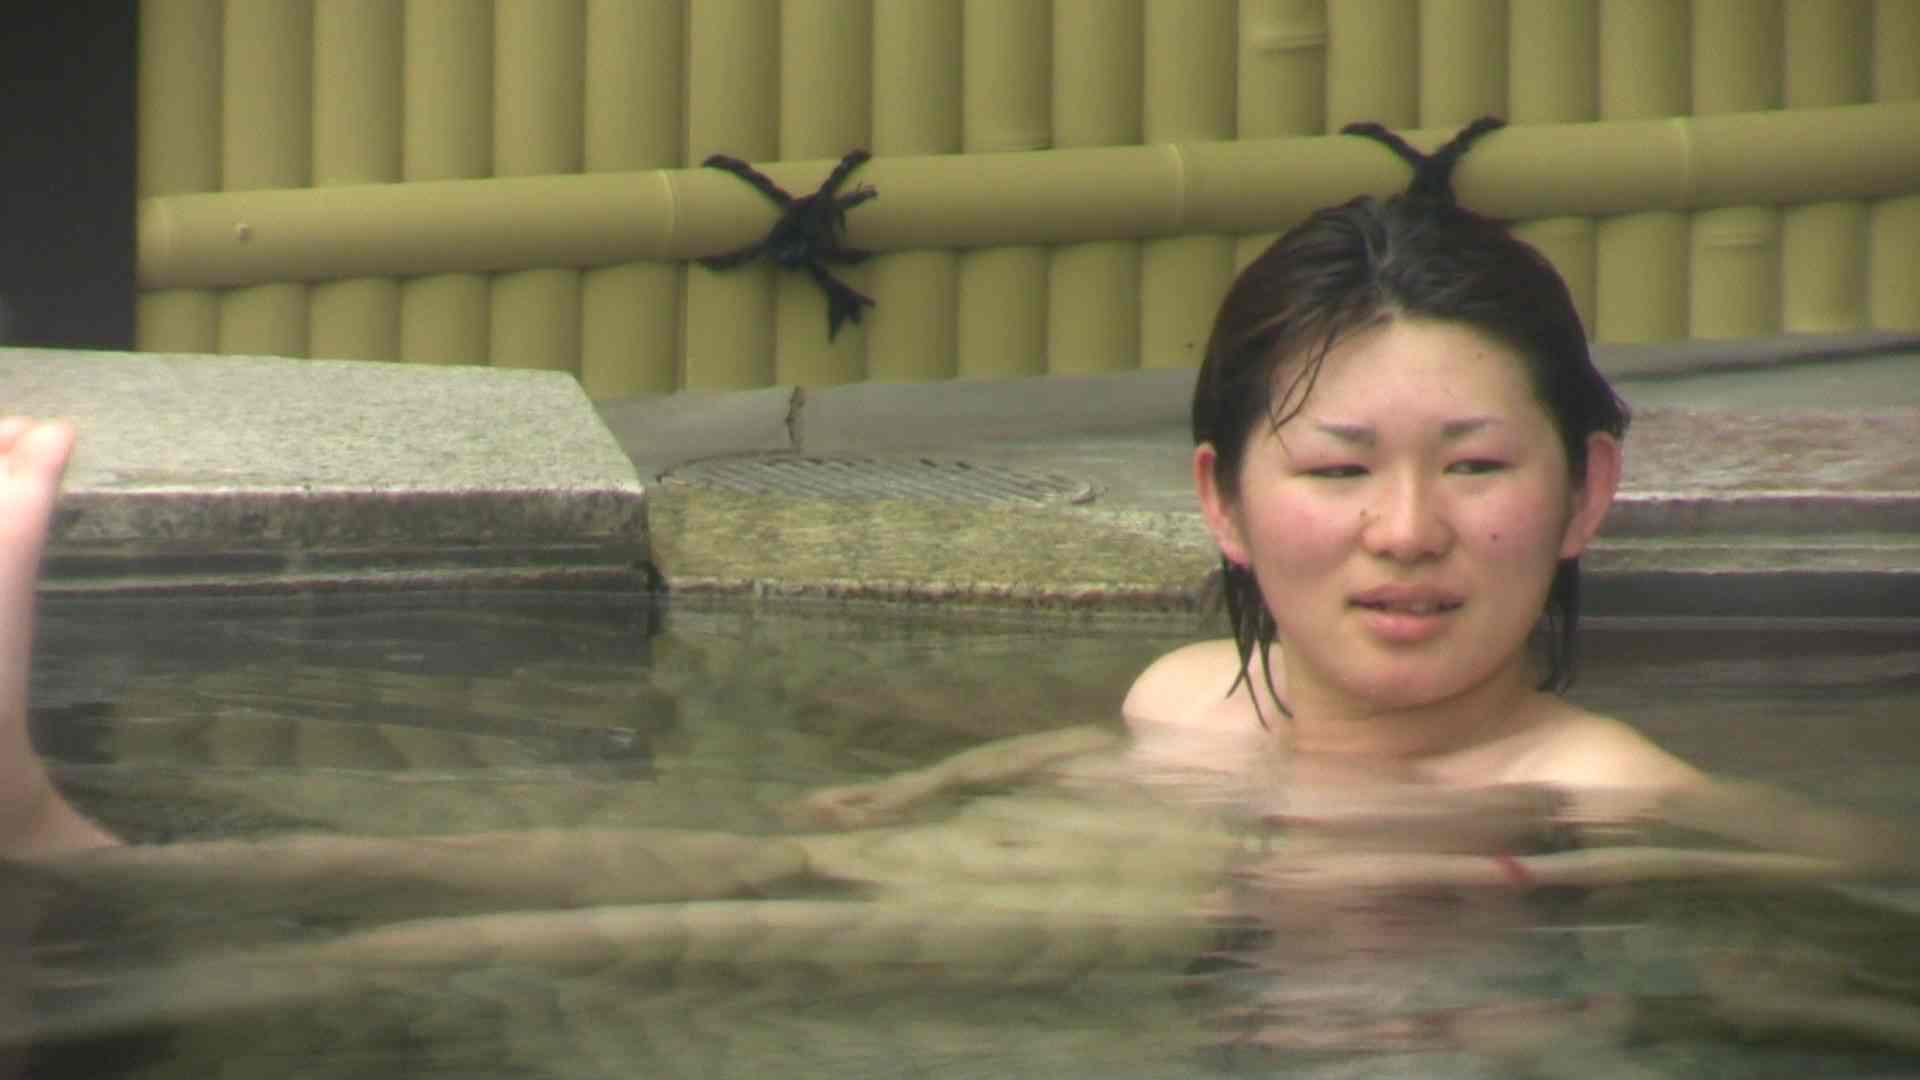 Aquaな露天風呂Vol.673 OLエロ画像 | 盗撮  104PICs 82